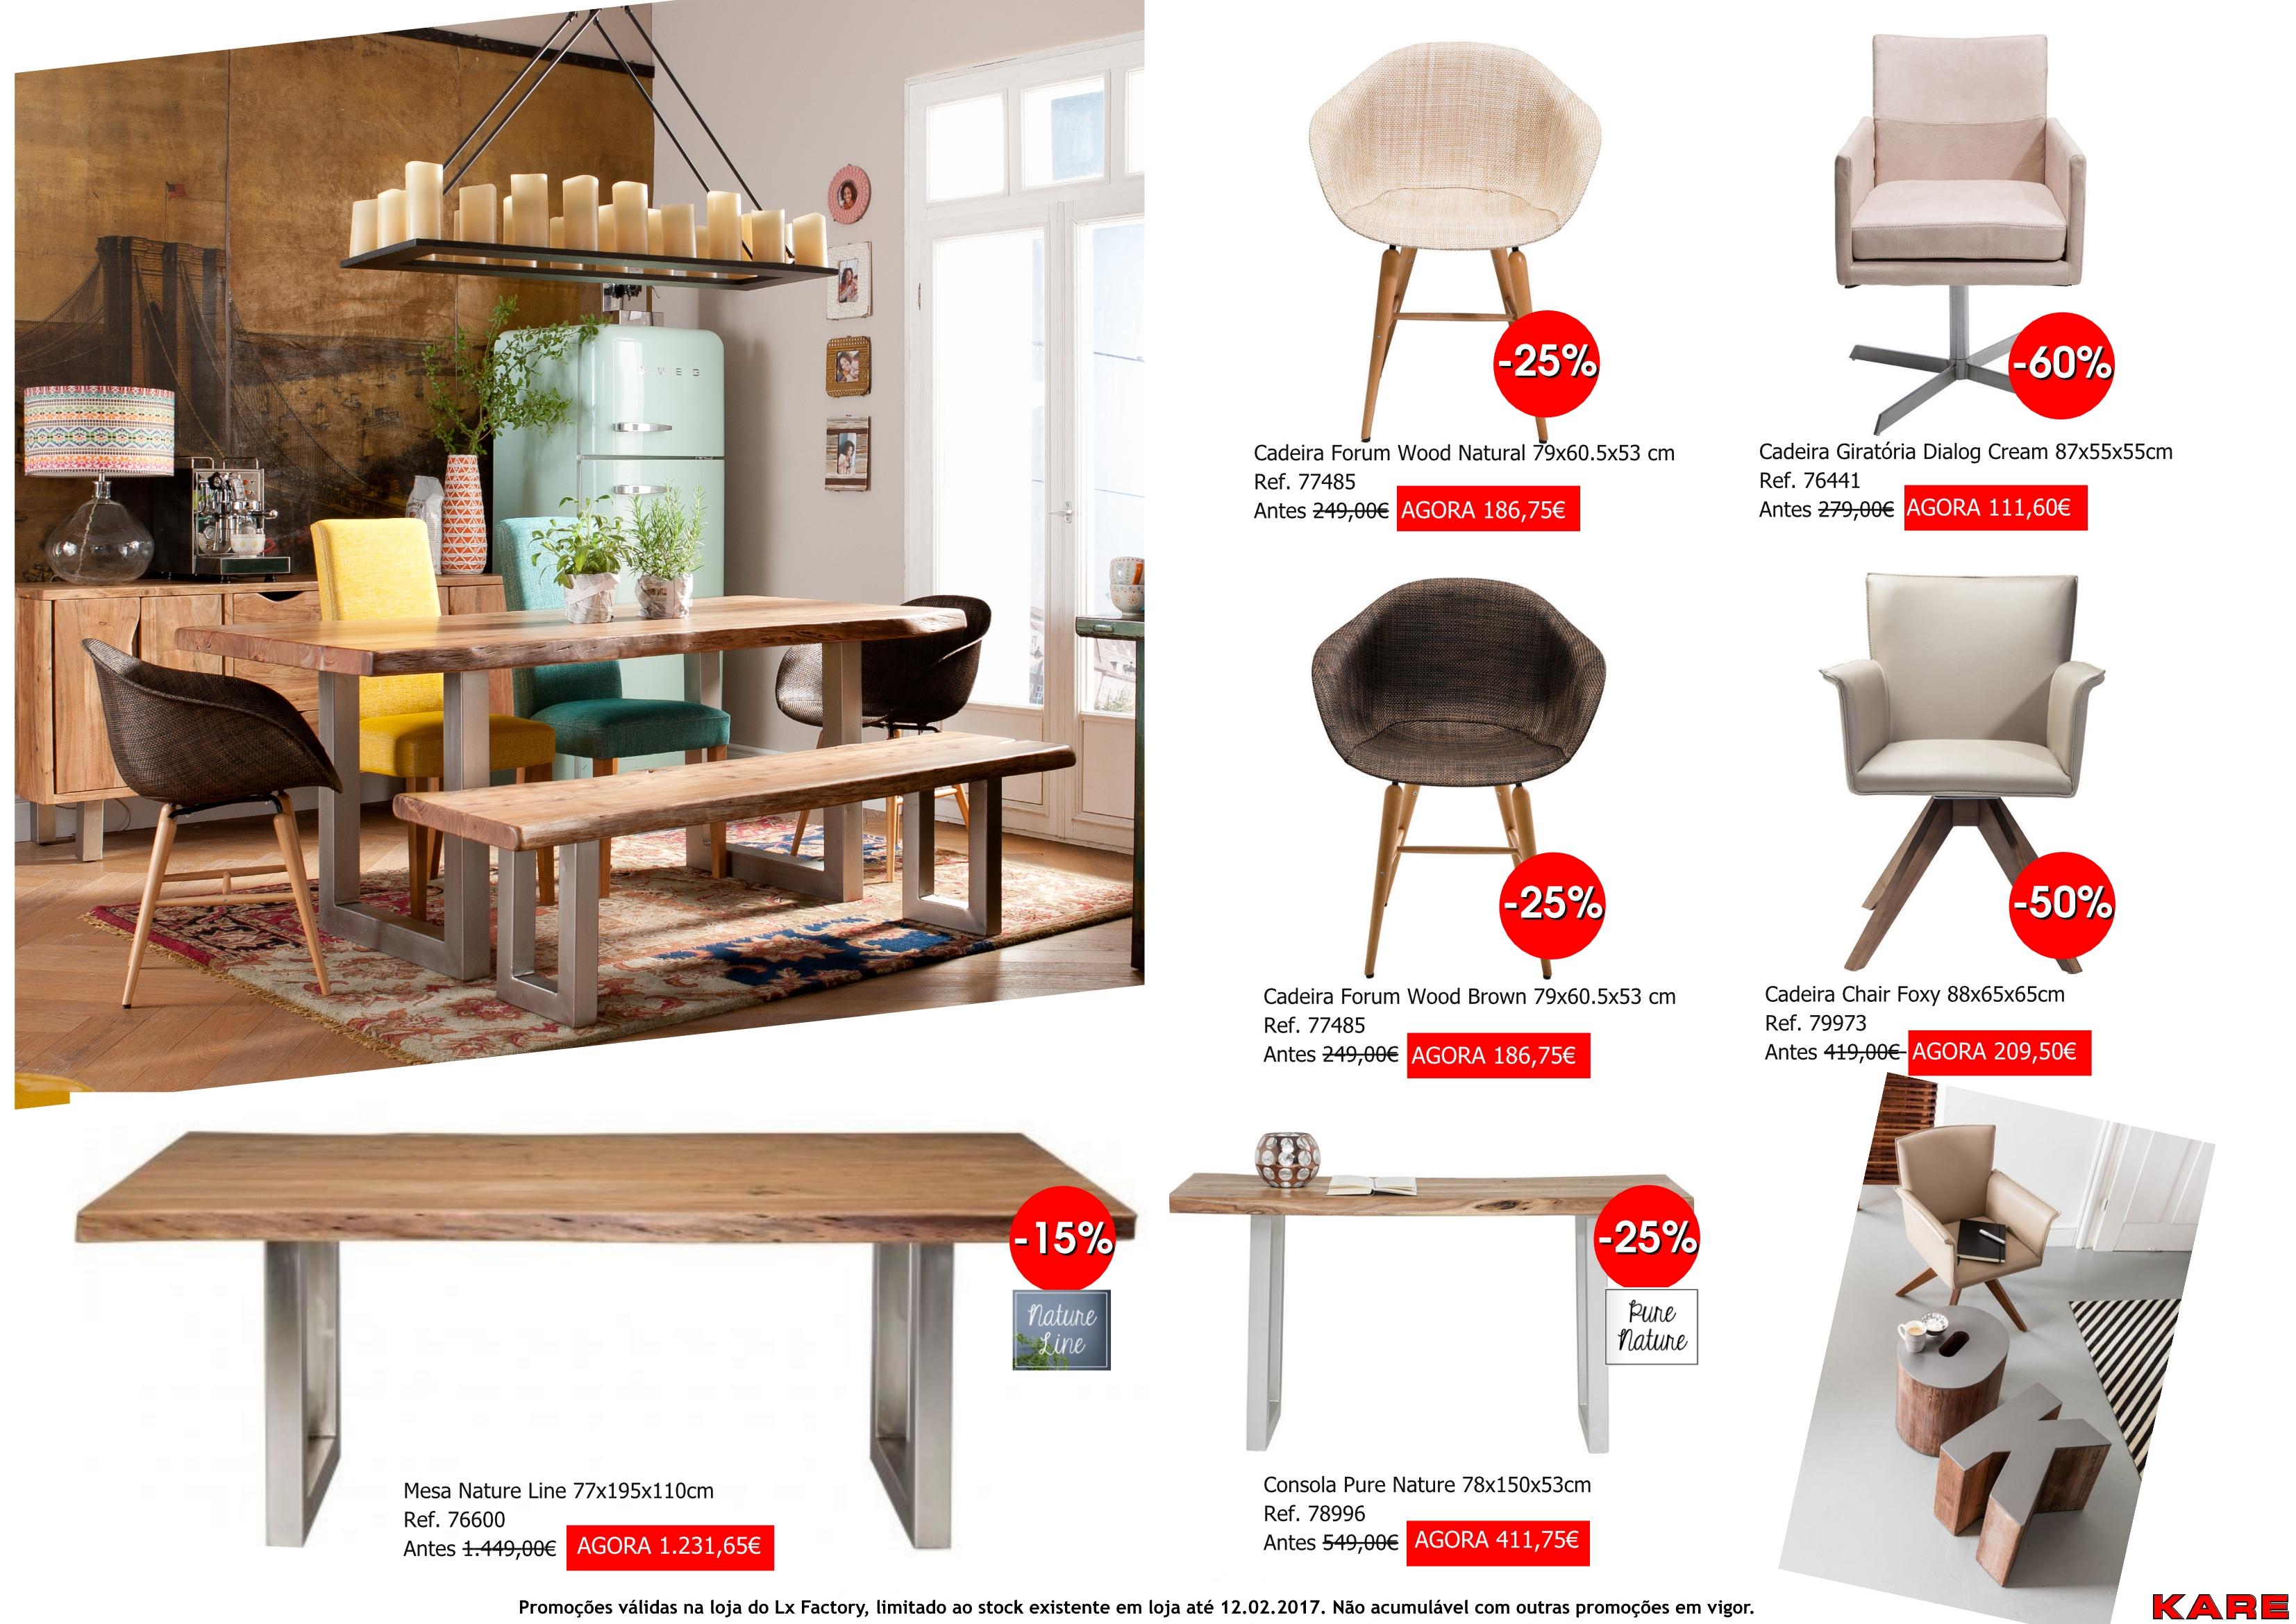 Promoções - cadeiras e mesa nature line pure nature